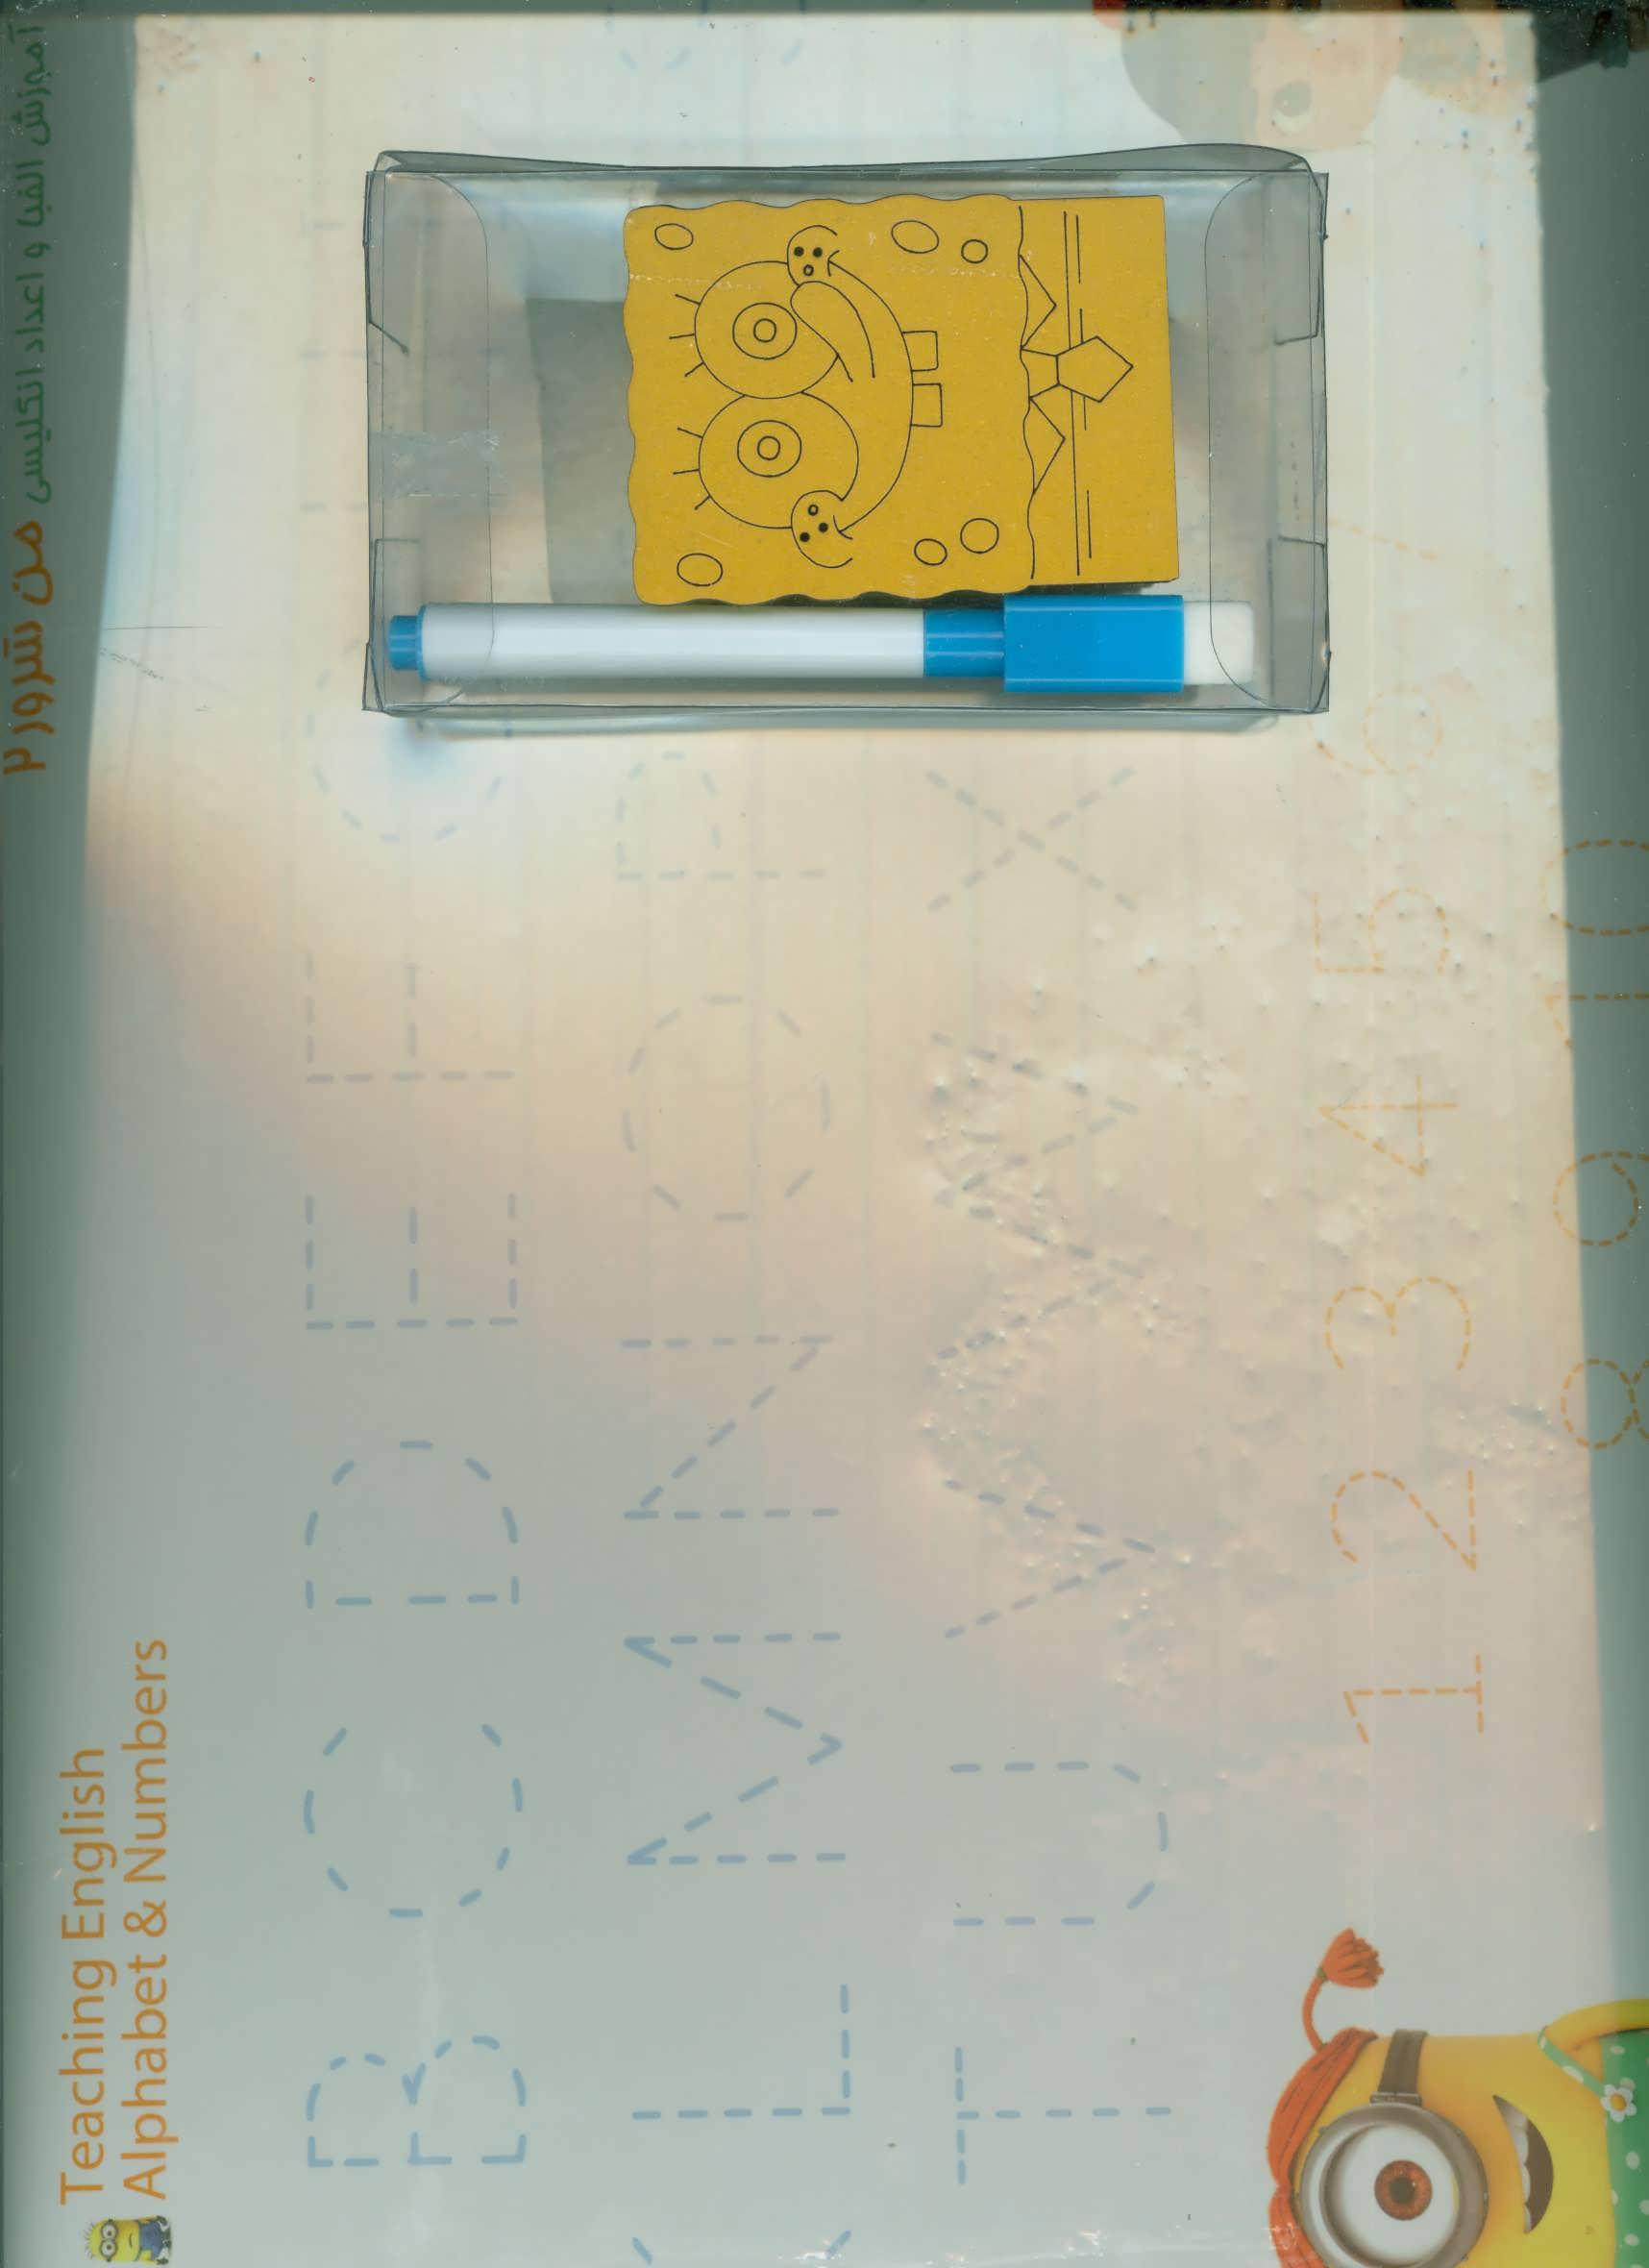 تخته وايت برد (آموزش الفبا و اعداد انگليسي،من شرور 2)،همراه با ماژيك و تخته پاك كن